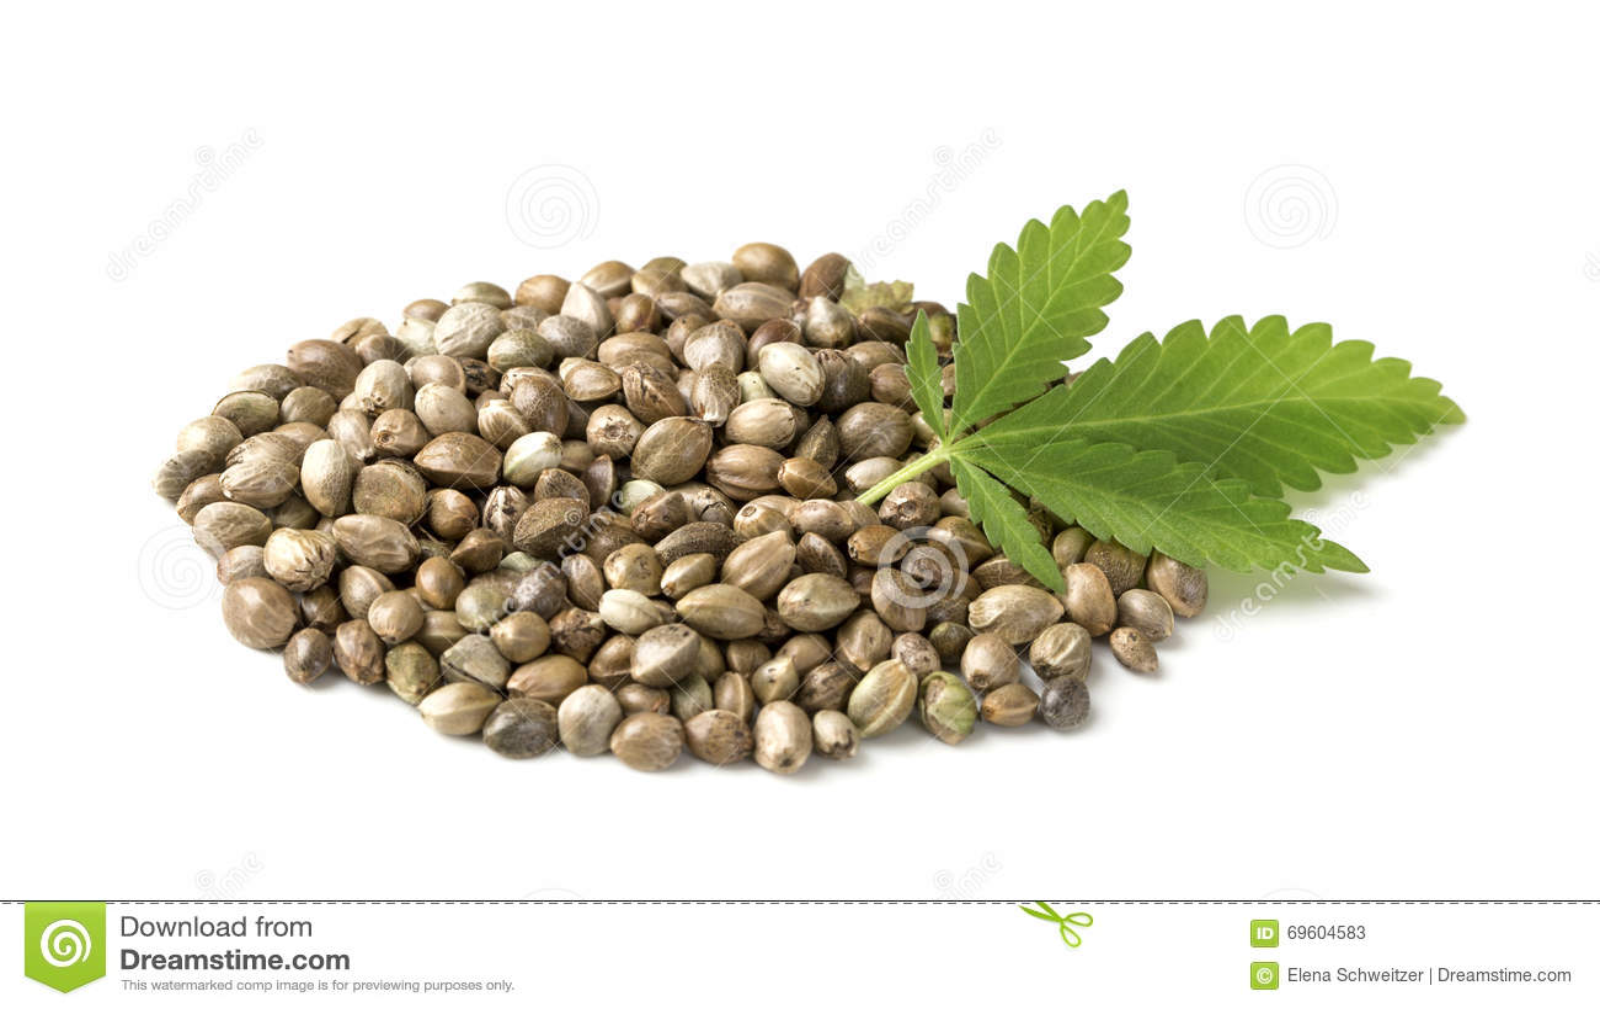 graines de chanvre avec une feuille verte photo stock image 69604583. Black Bedroom Furniture Sets. Home Design Ideas